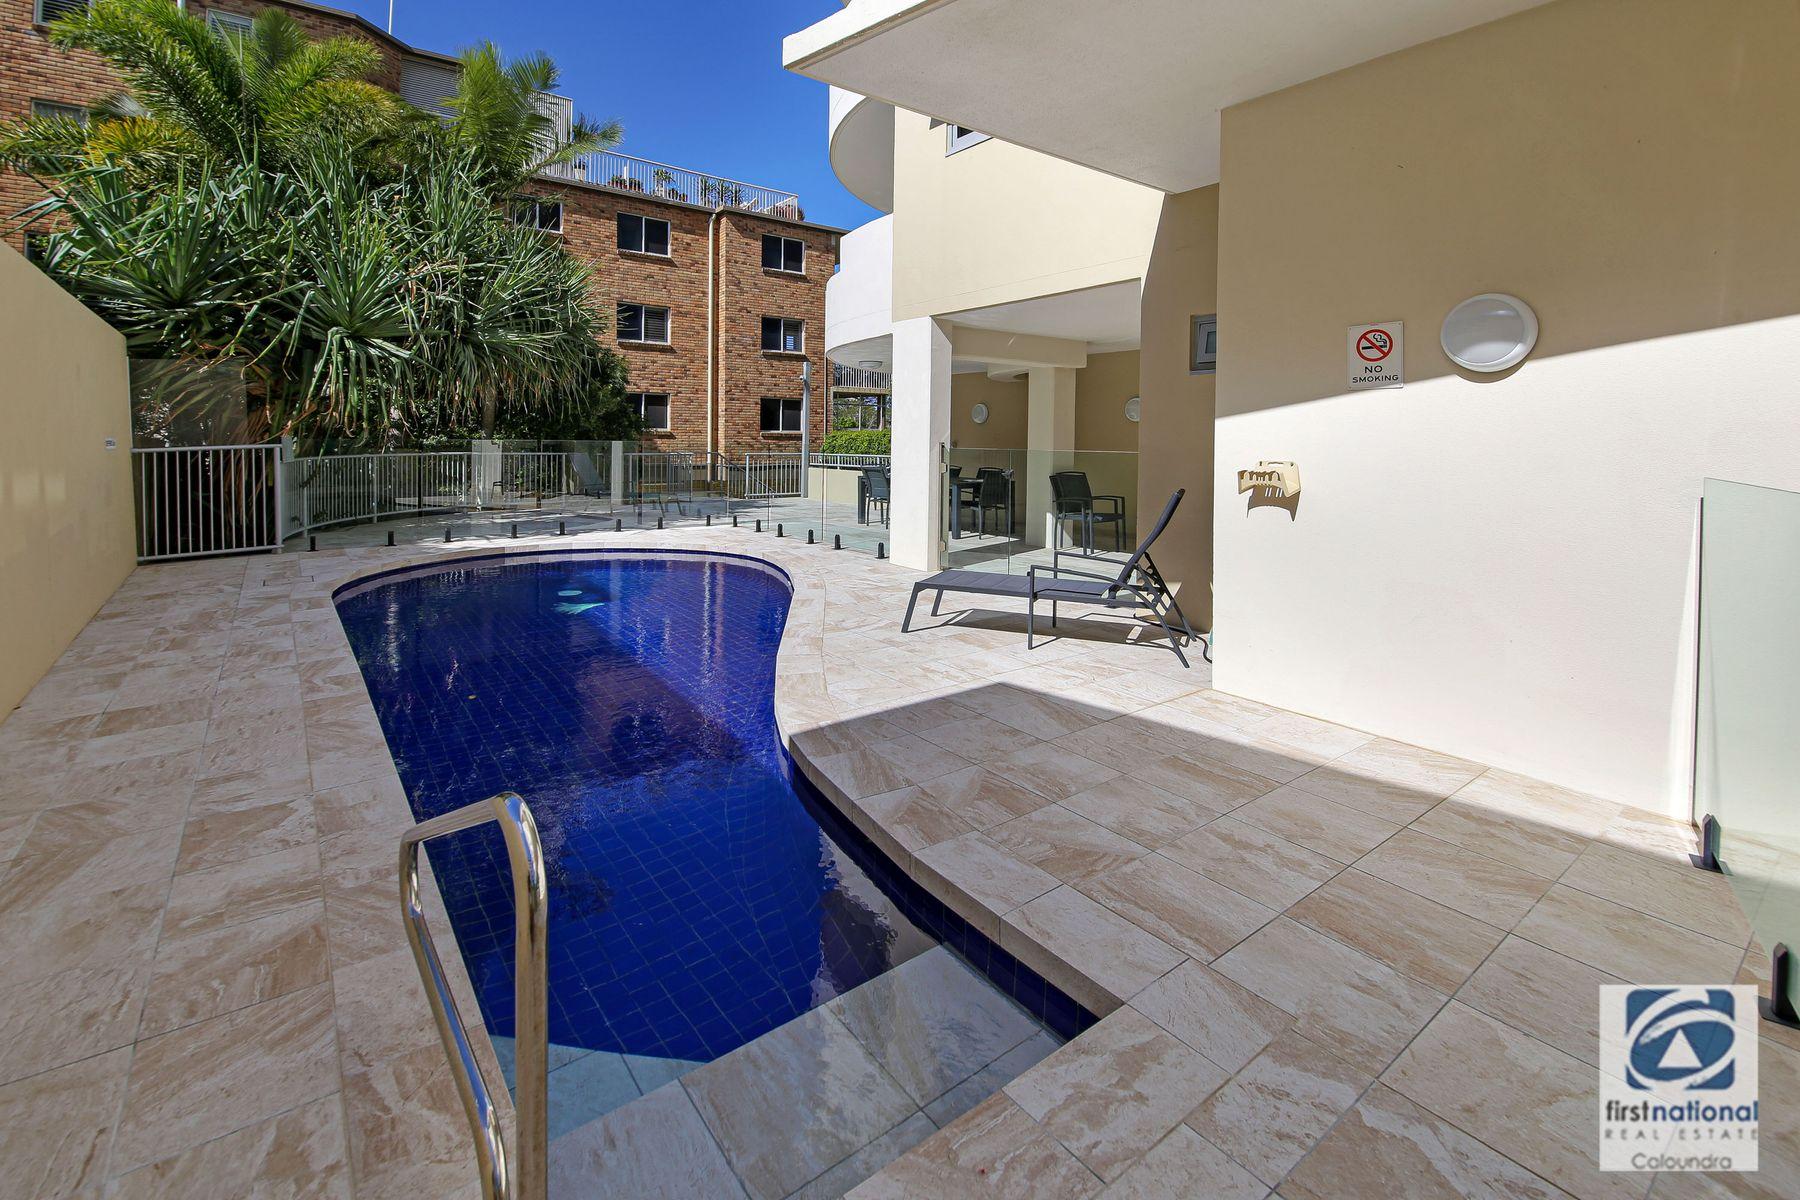 7/32 Saltair Street, Kings Beach, QLD 4551